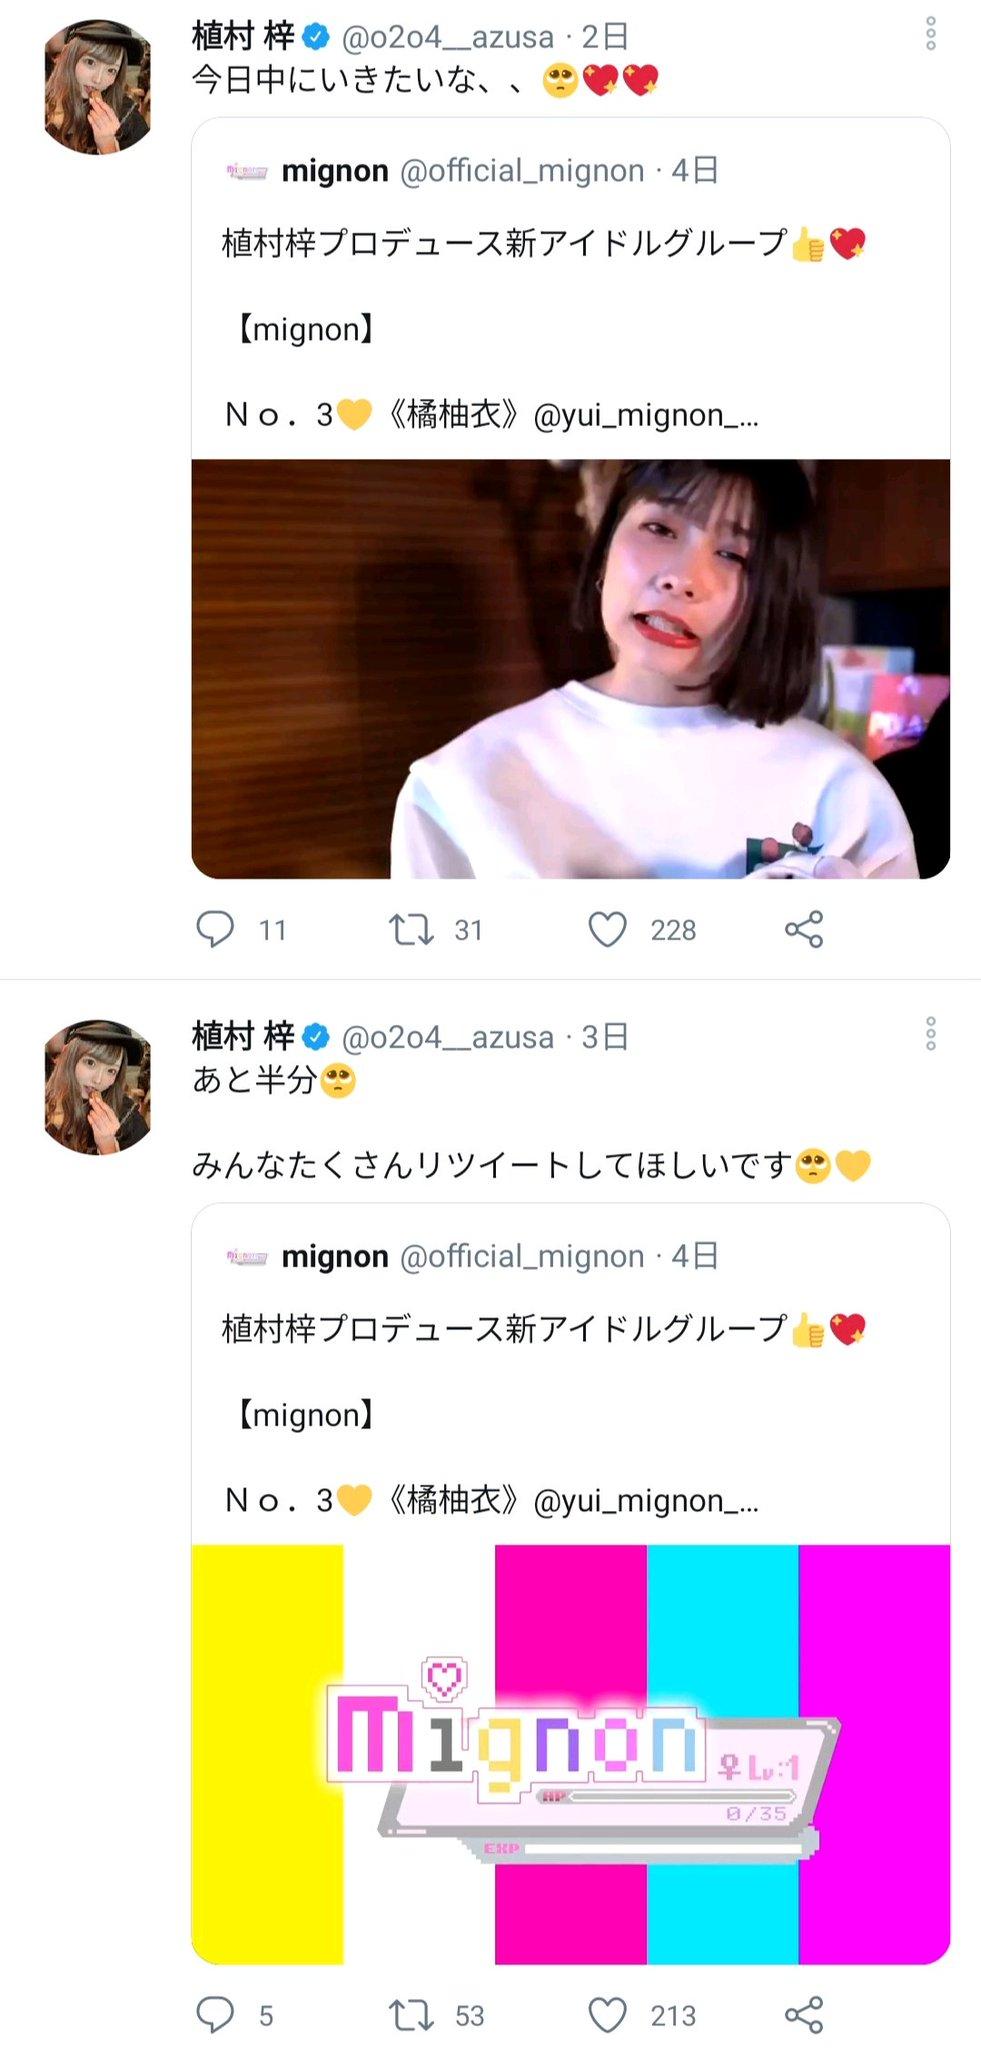 画像,元NMB48植村梓さん、新アイドルグループ「mignon」をプロデュース↓「RT数が目標に達したらメンバーを1人ずつ公開する方式」を採用↓注目度が低くRT伸びず…